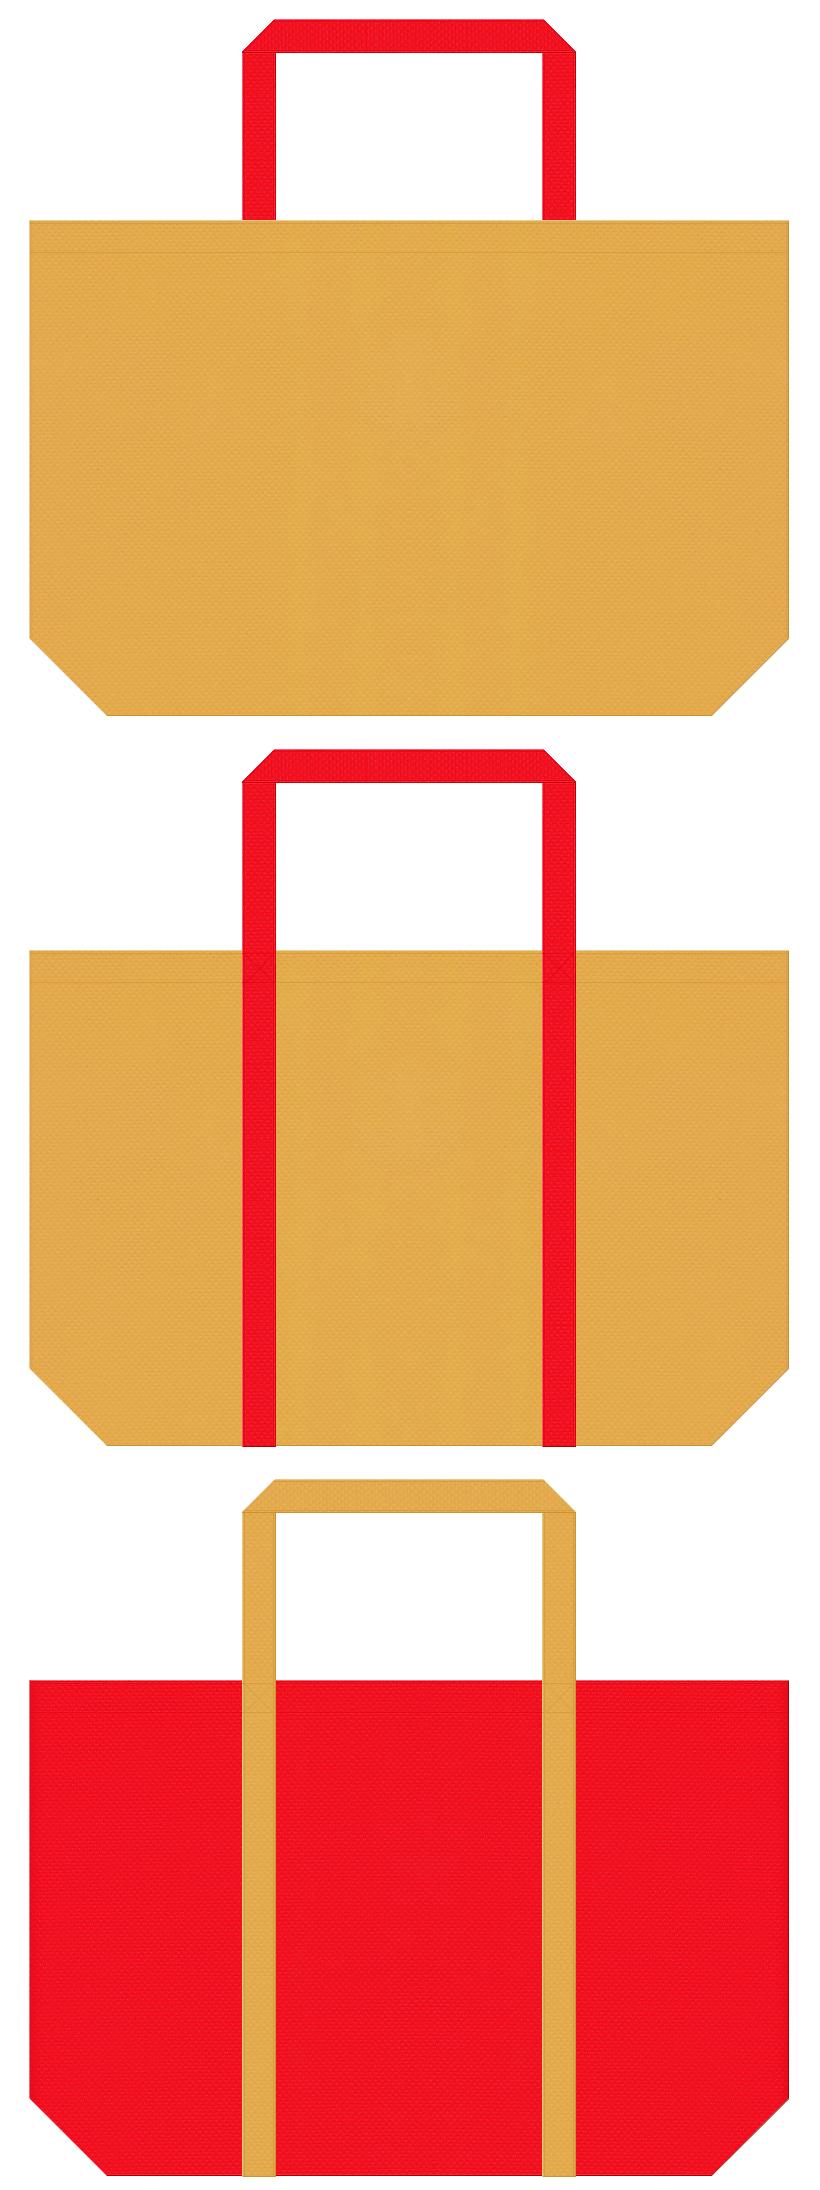 絵本・むかし話・赤鬼・大豆・一合枡・節分のショッピングバッグにお奨めの不織布バッグデザイン:黄土色と赤色のコーデ